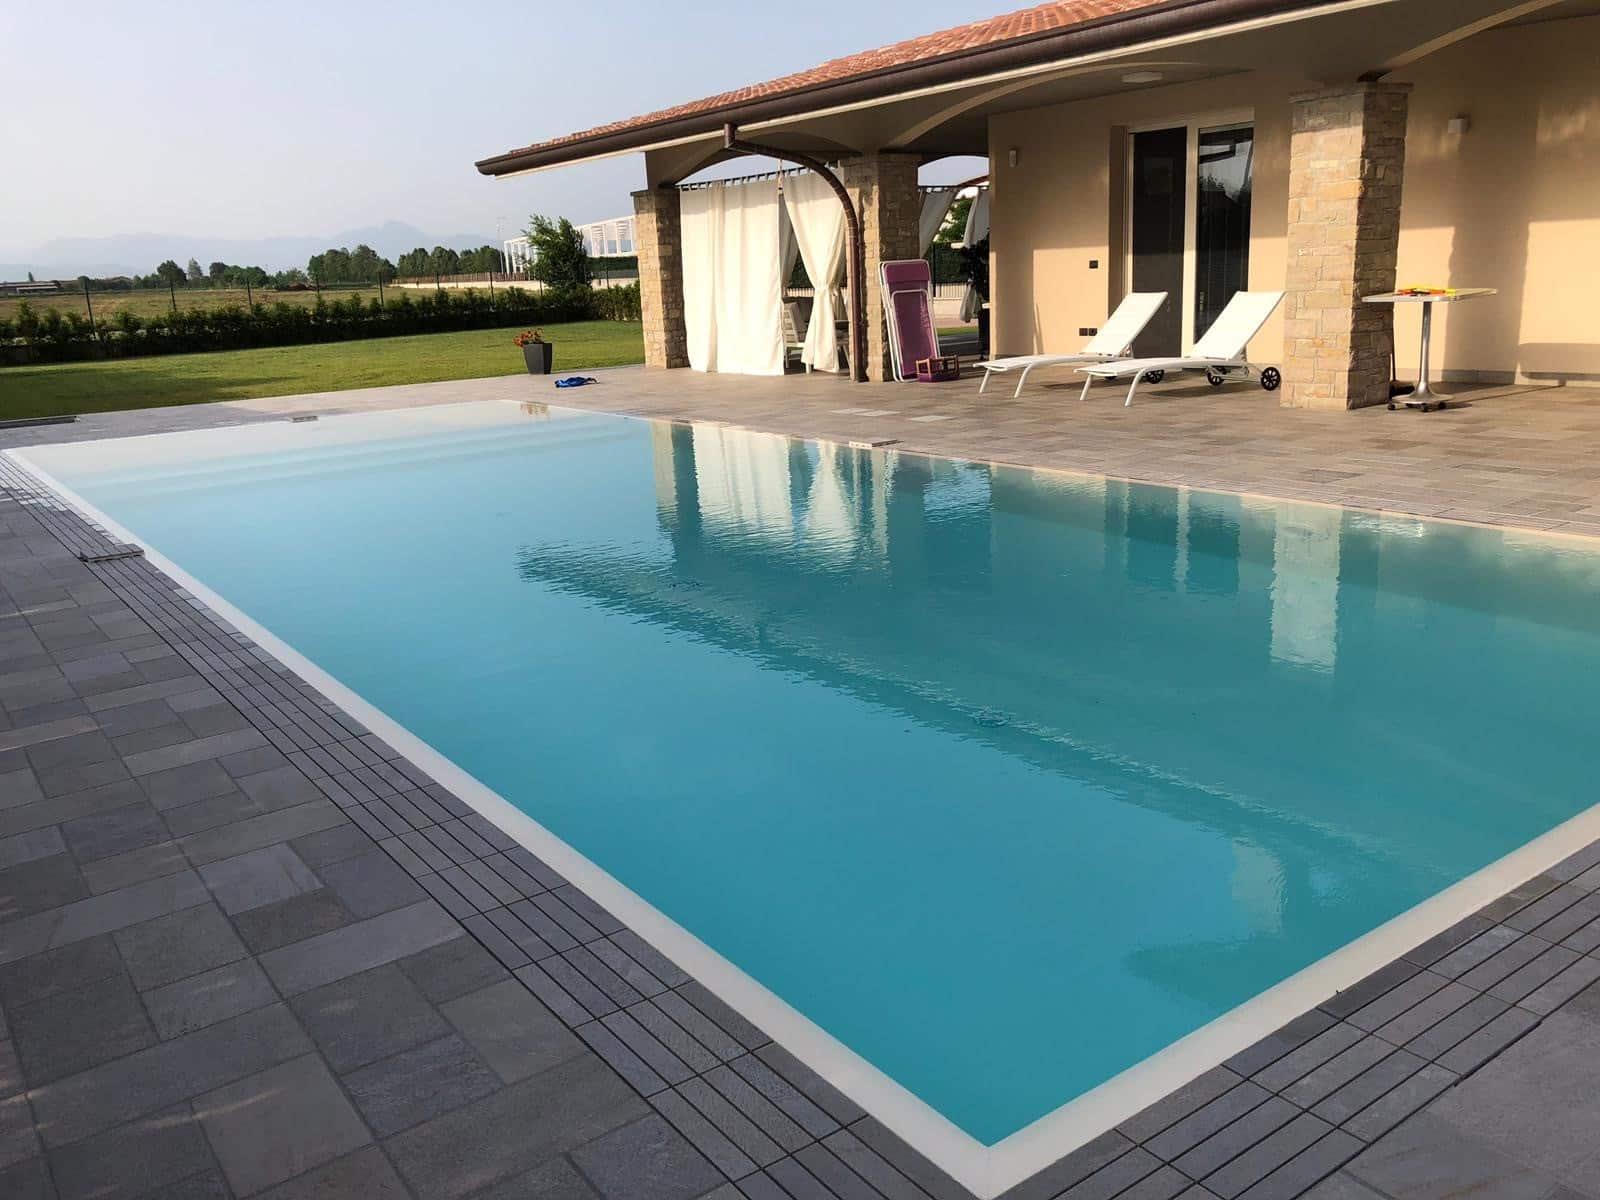 kratka przelewowa basenowa gresowa kamienna kolorowa basen infinity przelewowy skimmerowy